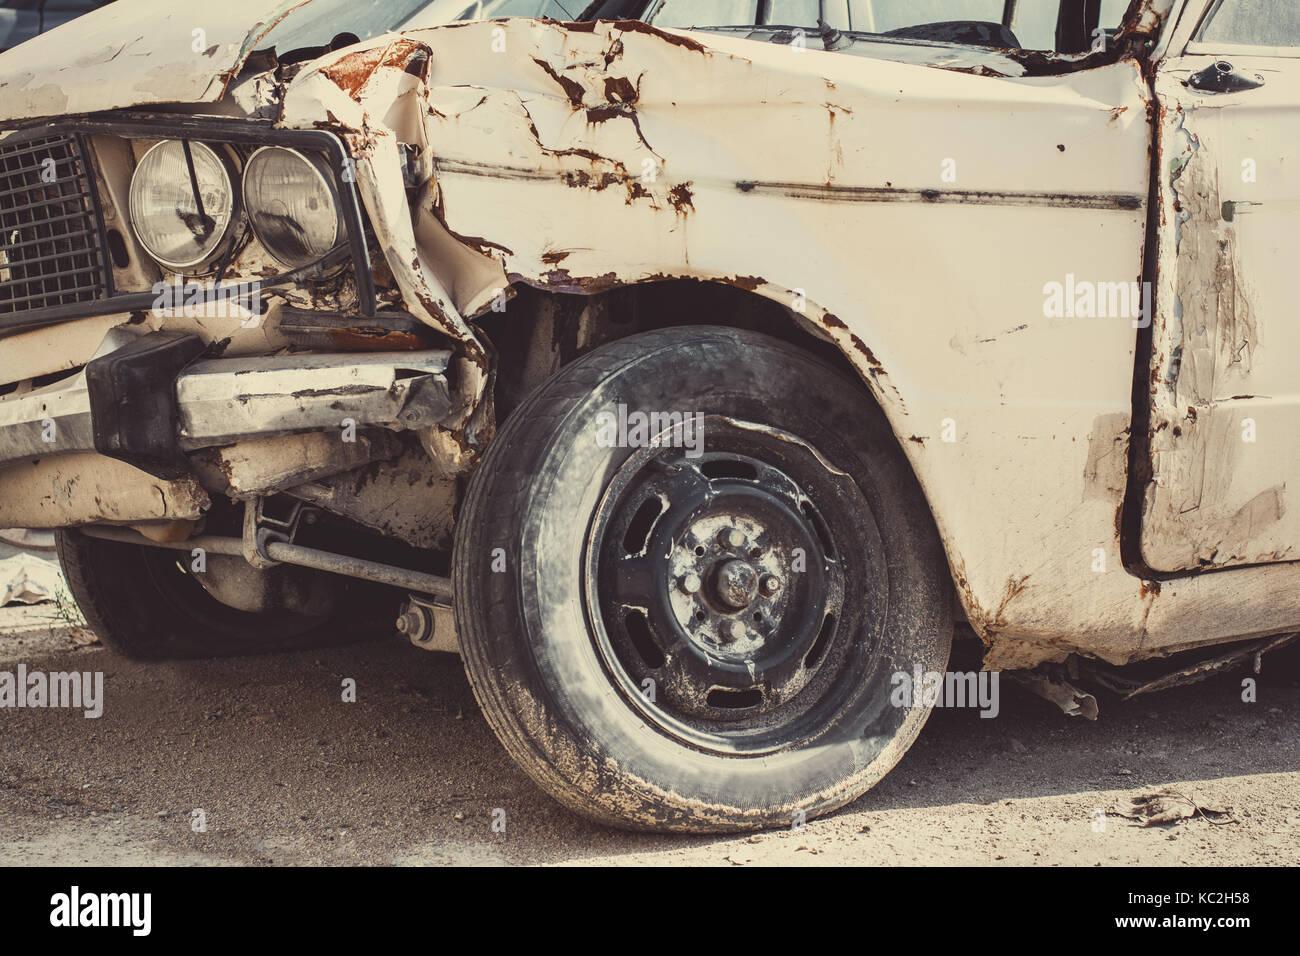 alte kaputte auto nach einem unfall stockfoto bild. Black Bedroom Furniture Sets. Home Design Ideas